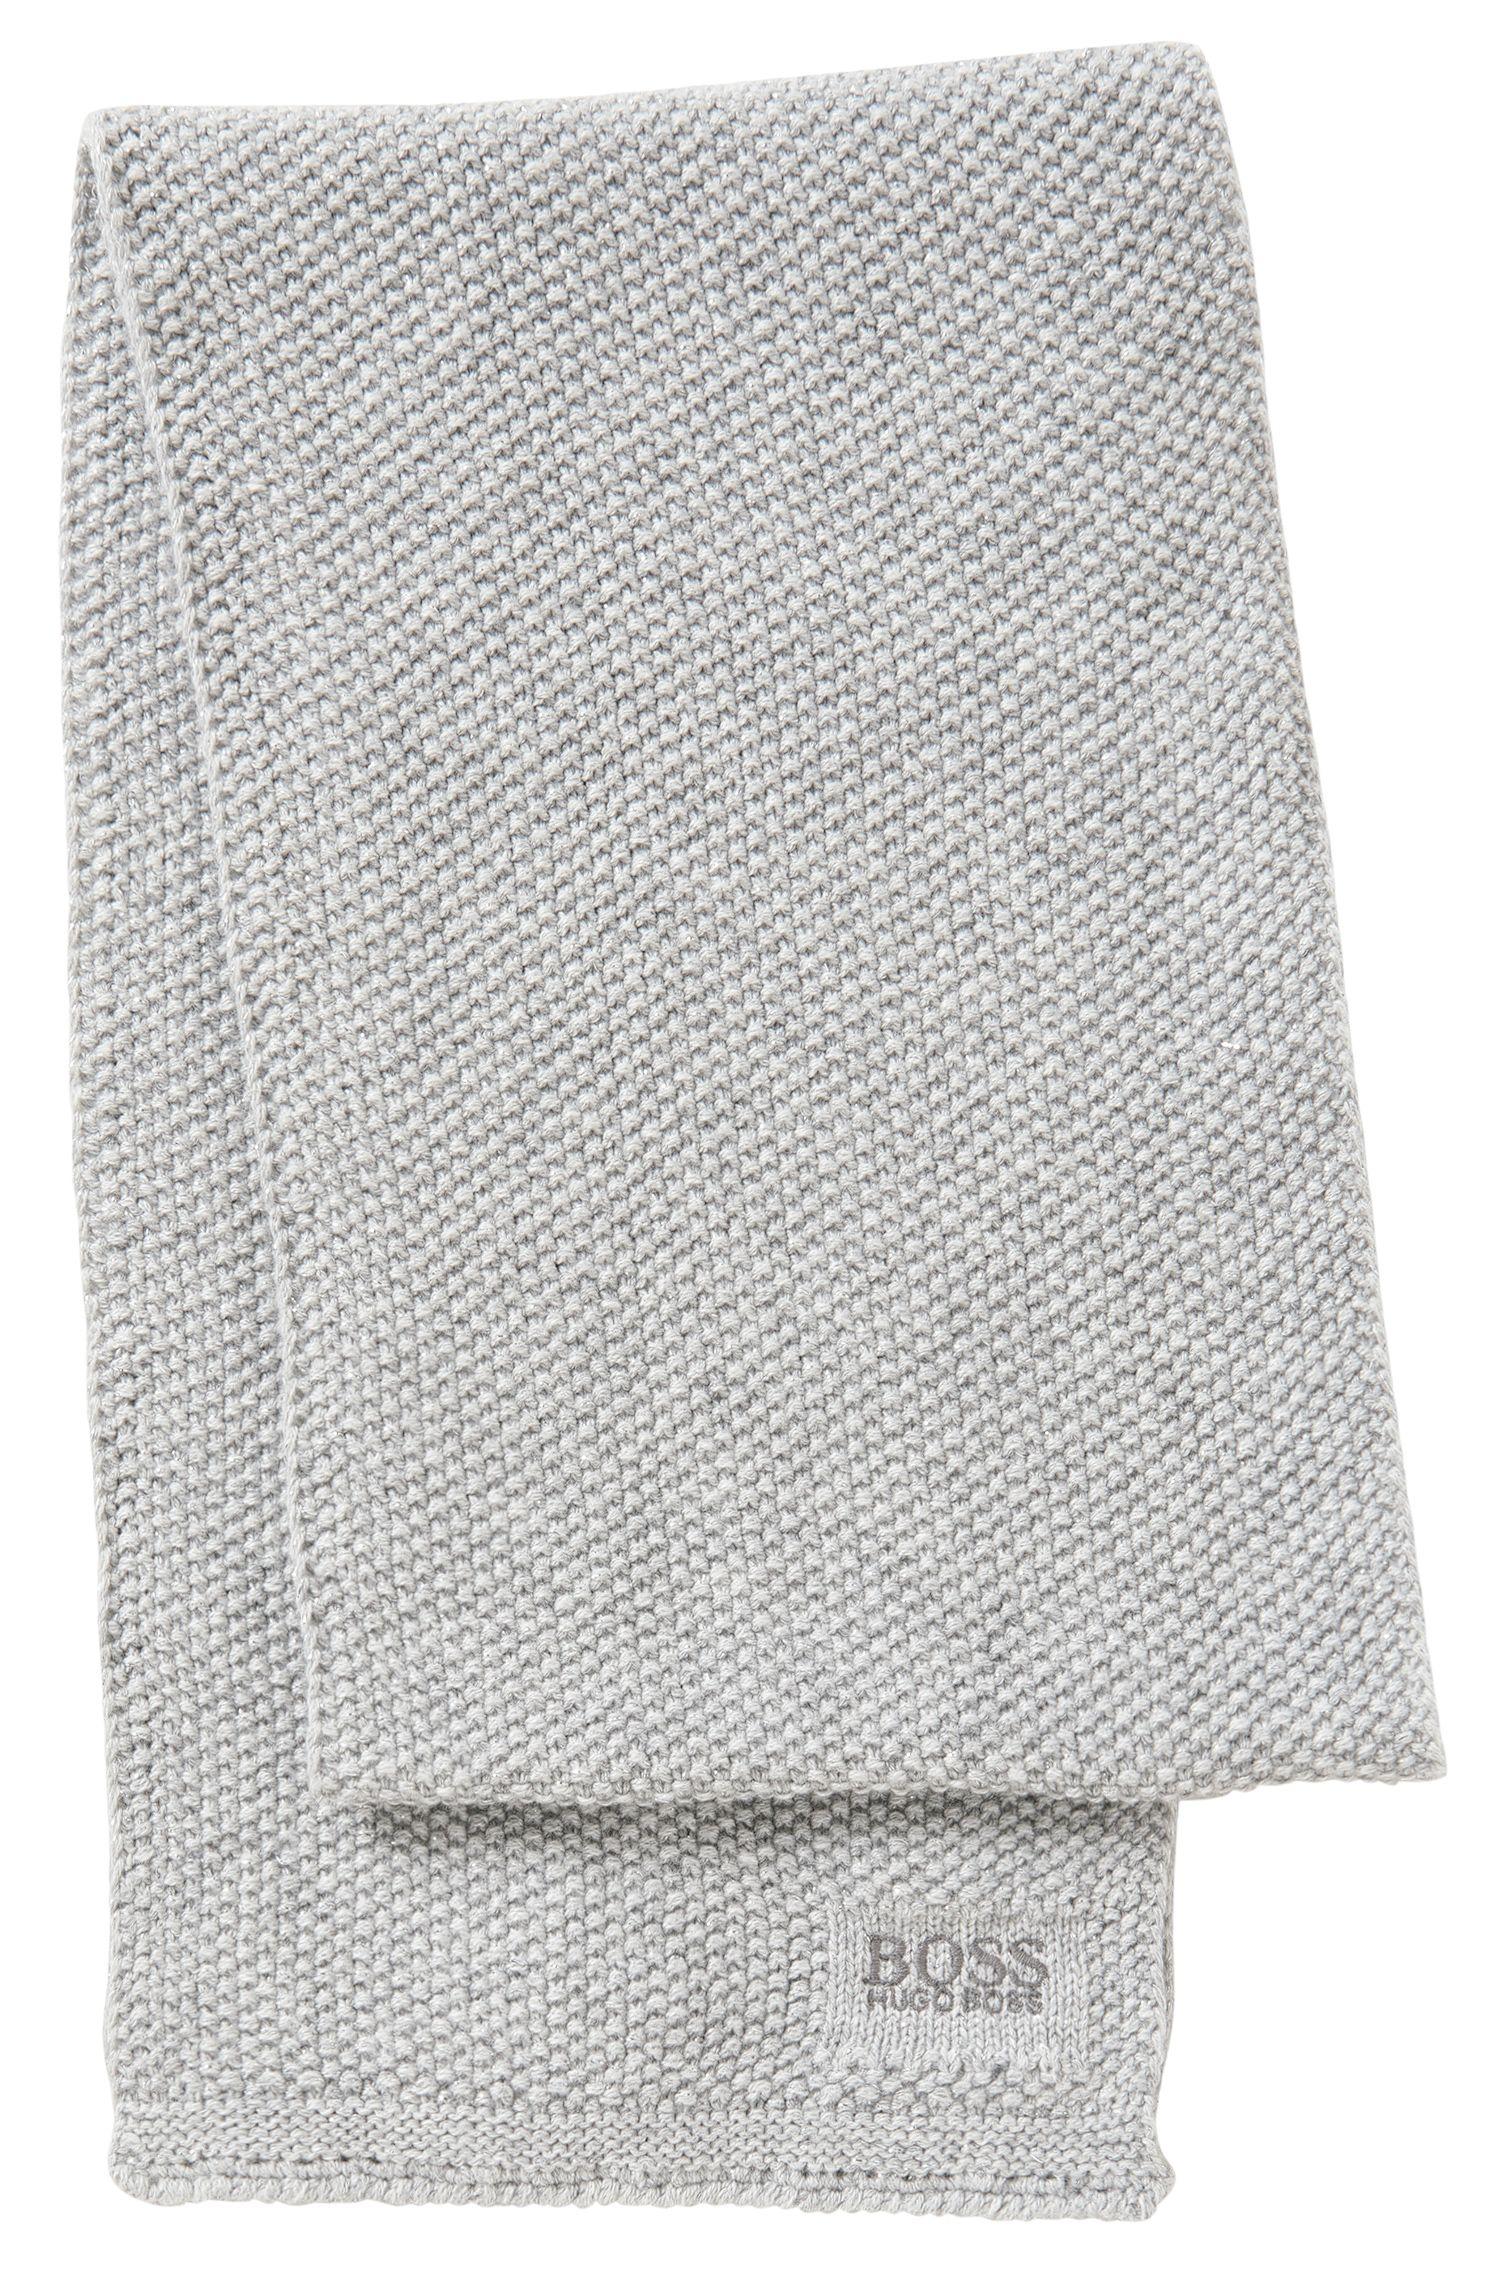 Écharpe pour enfant en coton mélangé: «J11066»